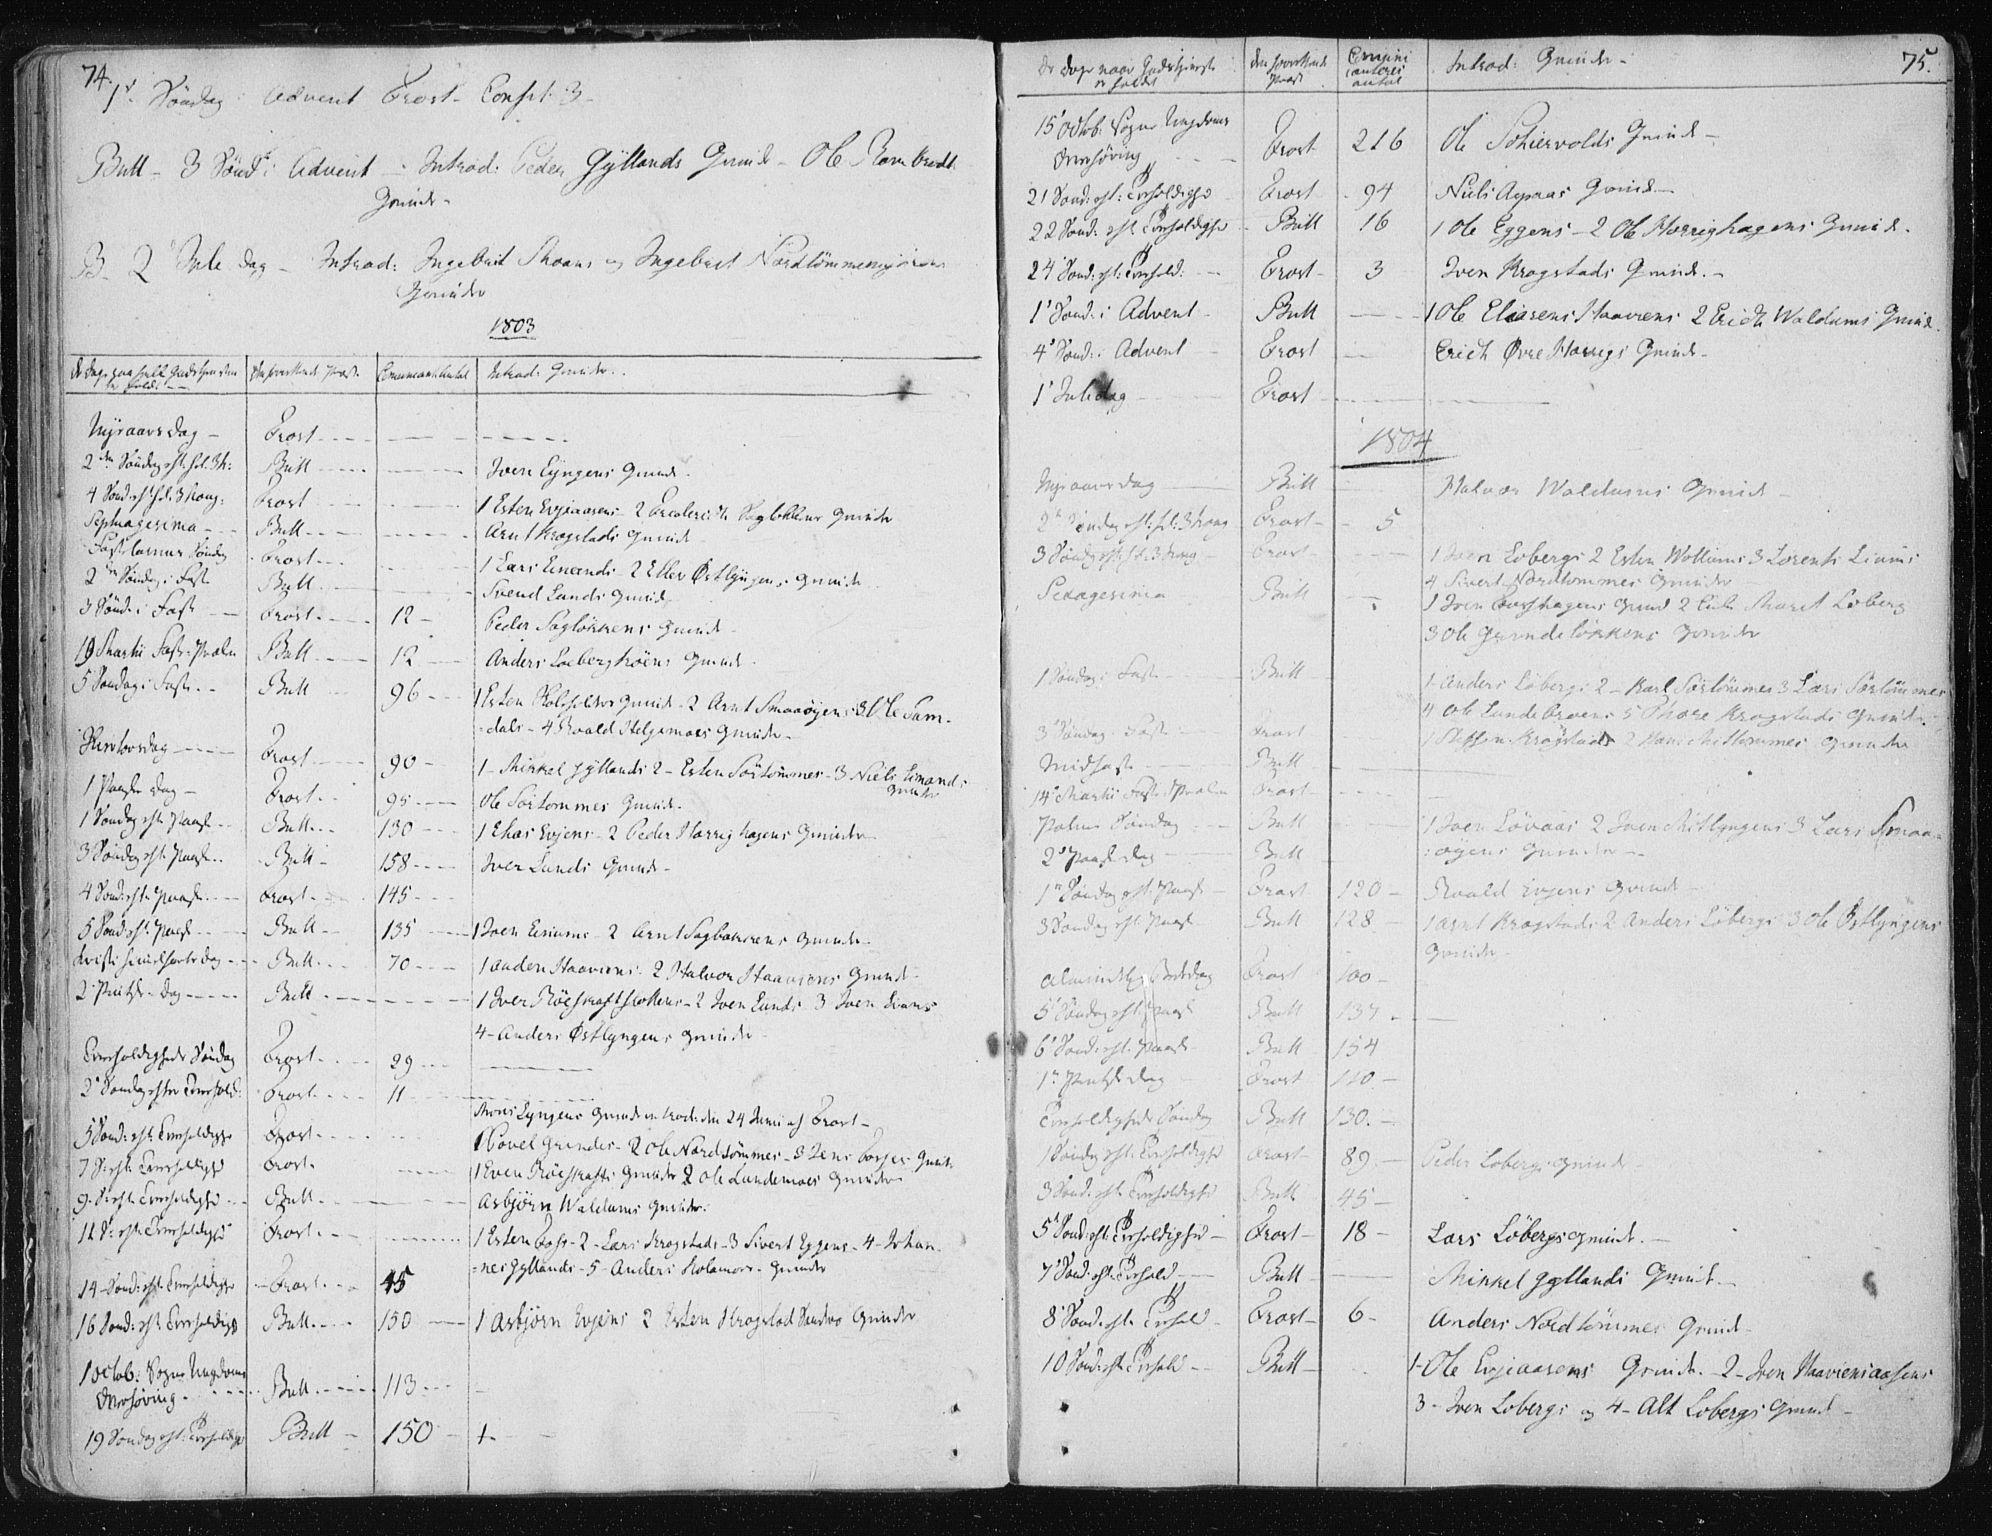 SAT, Ministerialprotokoller, klokkerbøker og fødselsregistre - Sør-Trøndelag, 687/L0993: Ministerialbok nr. 687A03 /2, 1788-1815, s. 74-75